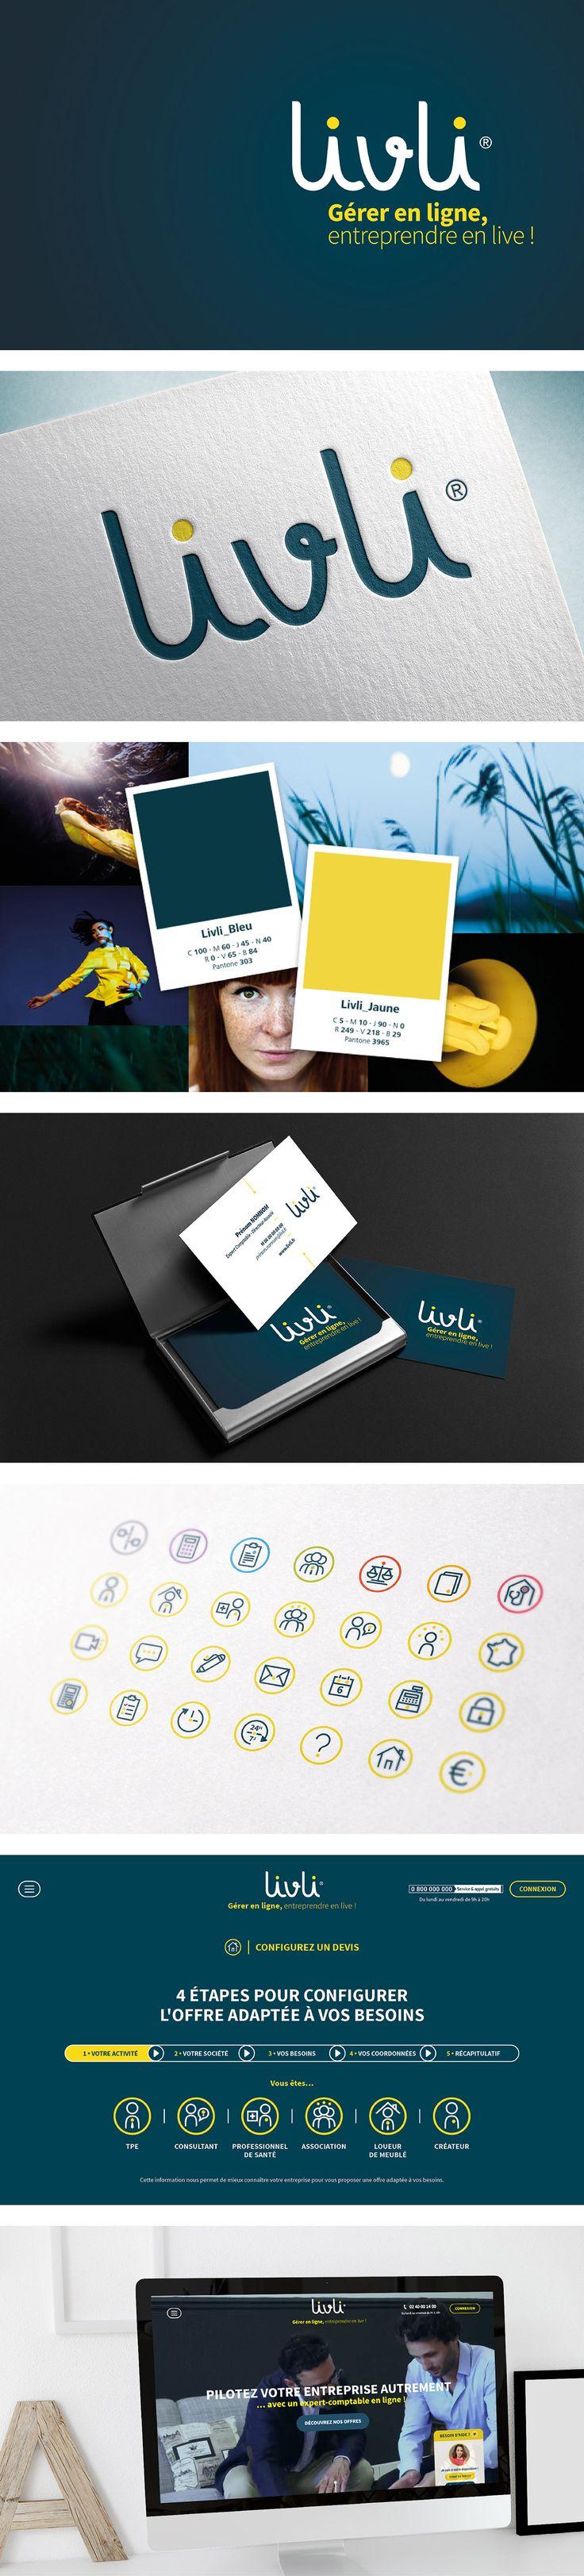 MOSWO | le privé | Livli | Soregor | identité | logotype | signature | identité visuelle | pictogrammes | typo